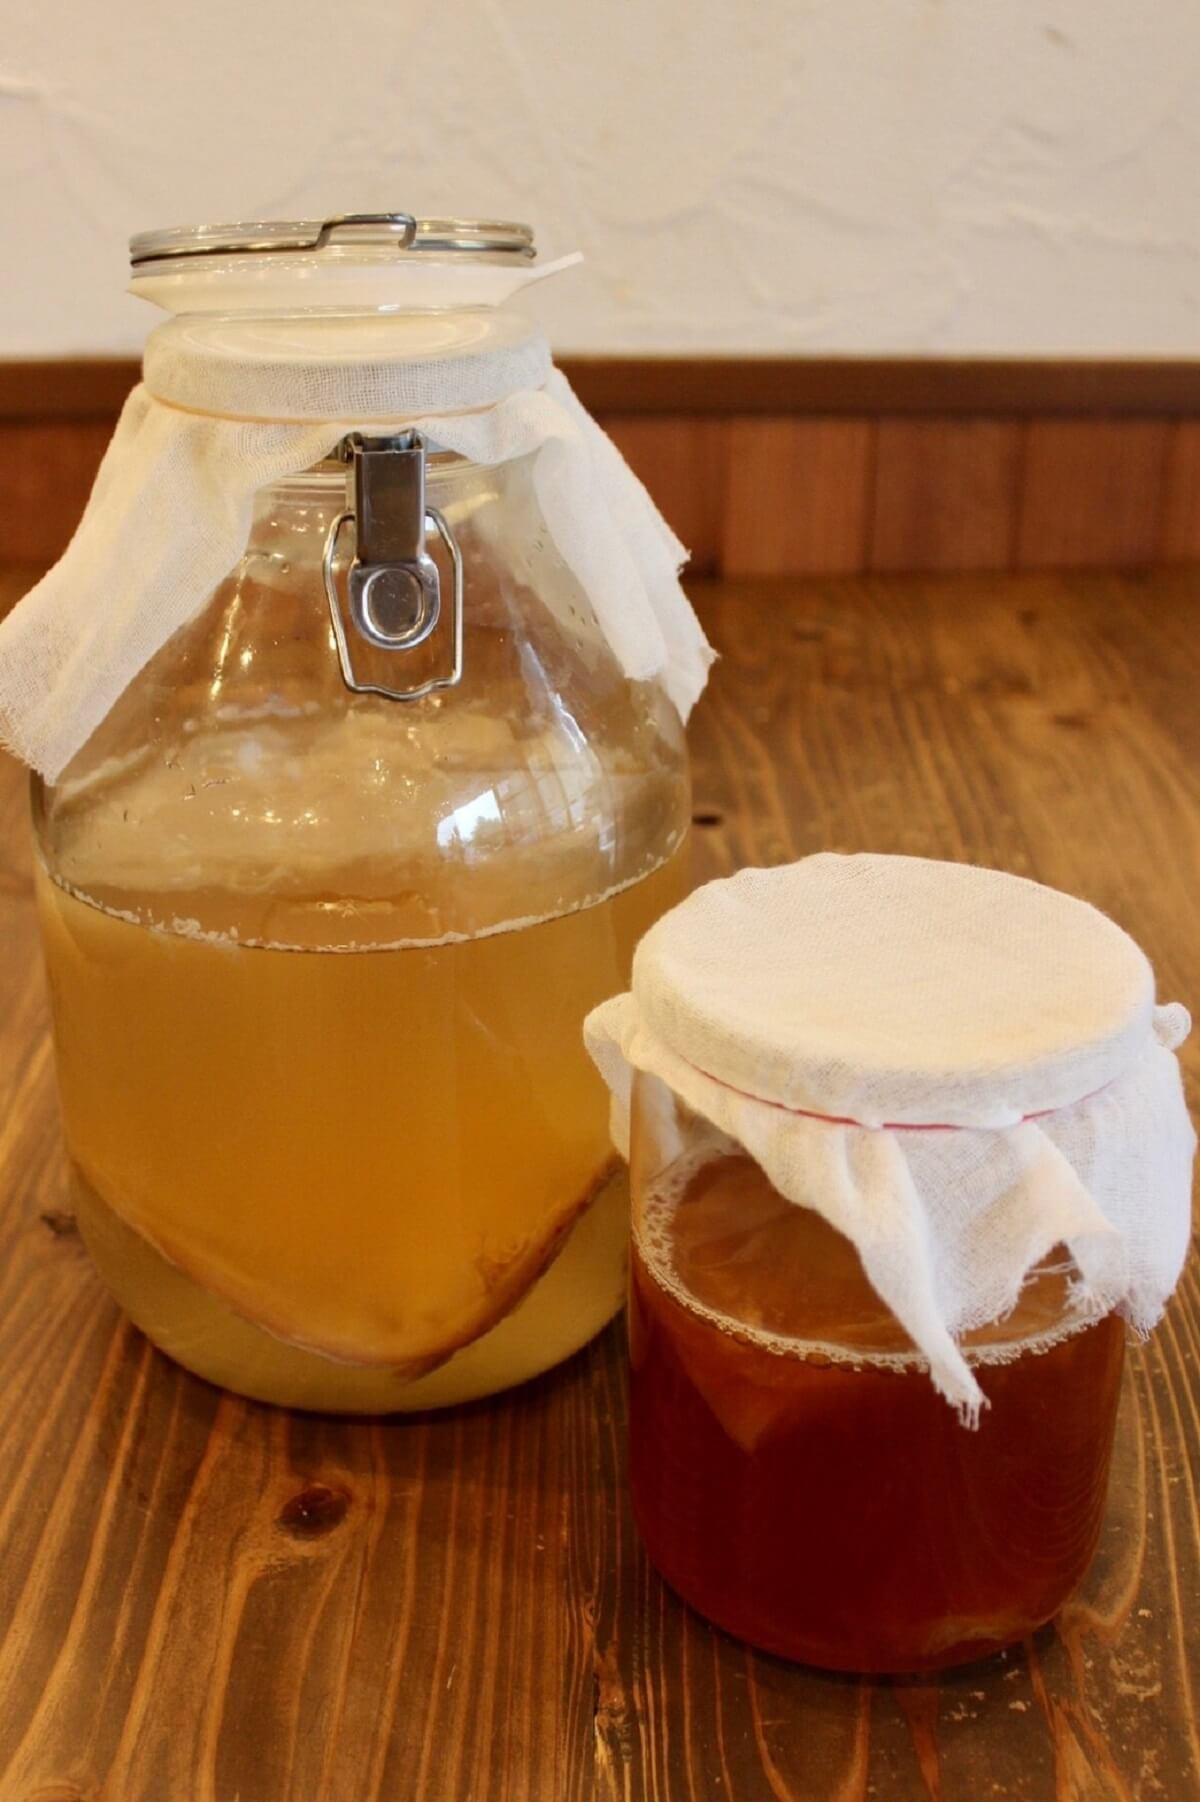 【満員御礼】発酵食堂カモシカによる夏の飲む発酵講座~台所にコンブチャ常備のススメ~《7月14日》